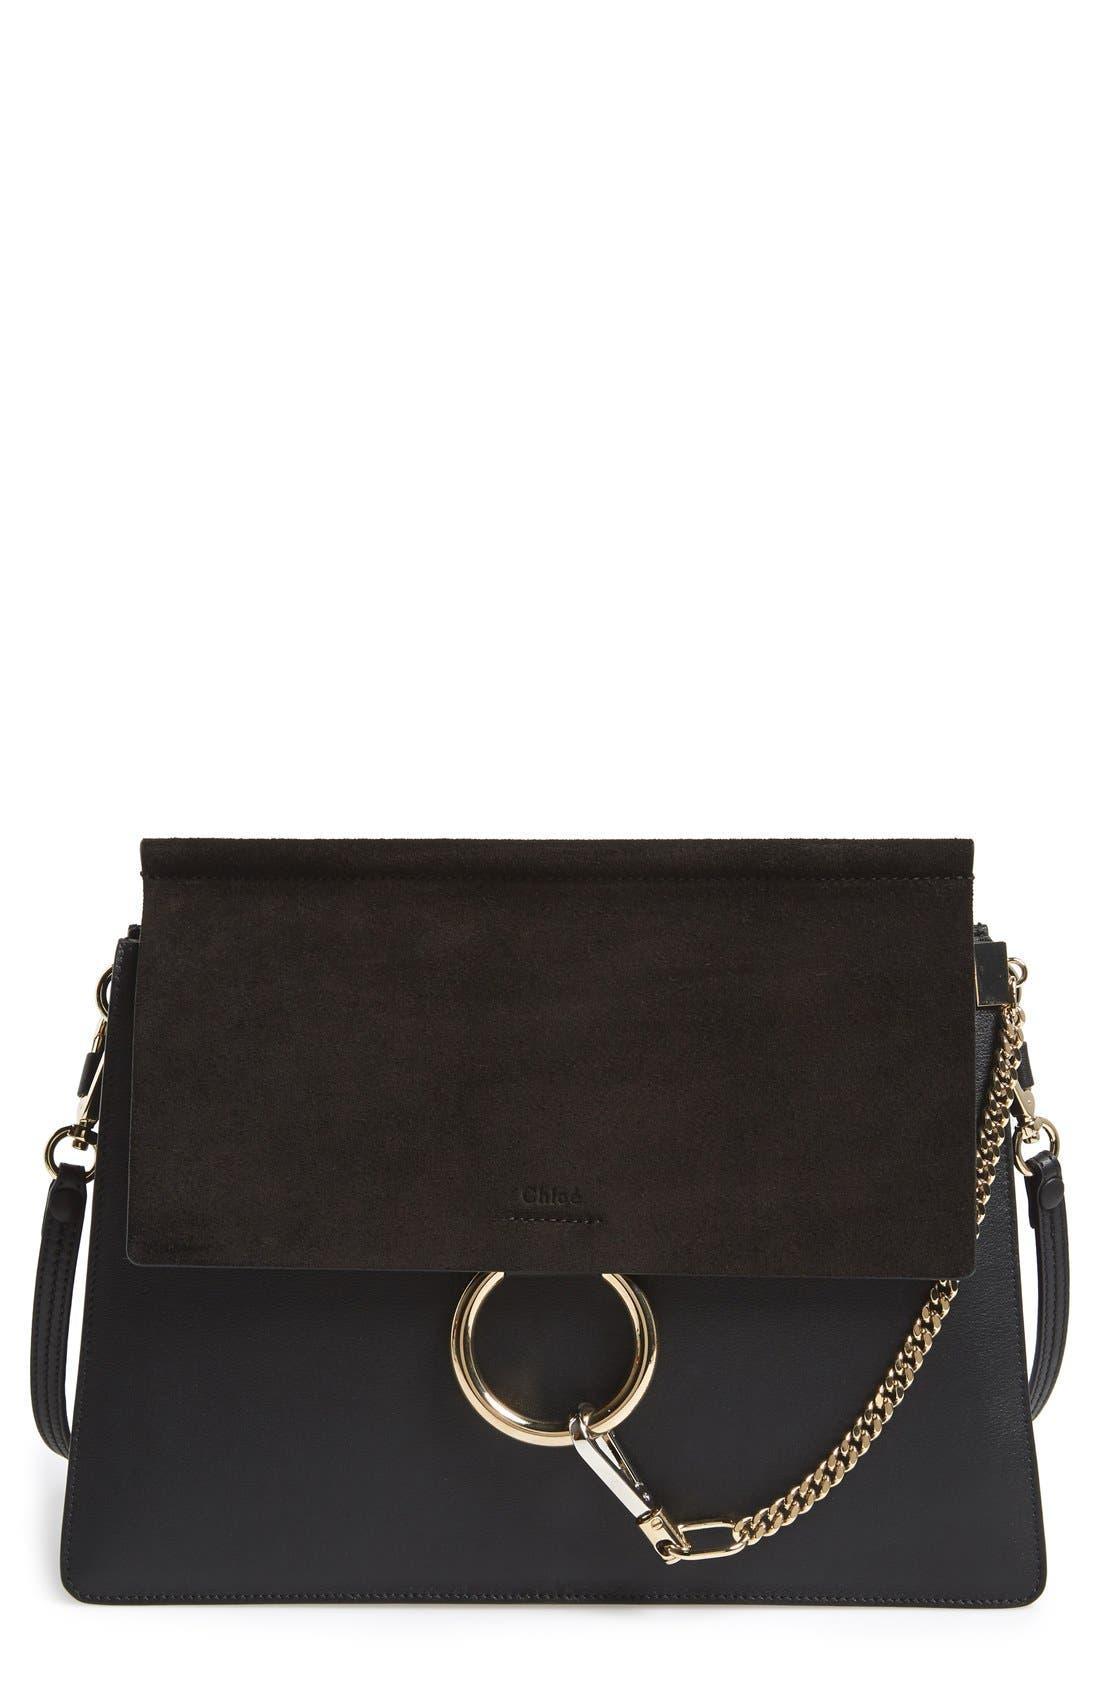 Alternate Image 1 Selected - Chloé 'Faye' Leather & Suede Shoulder Bag